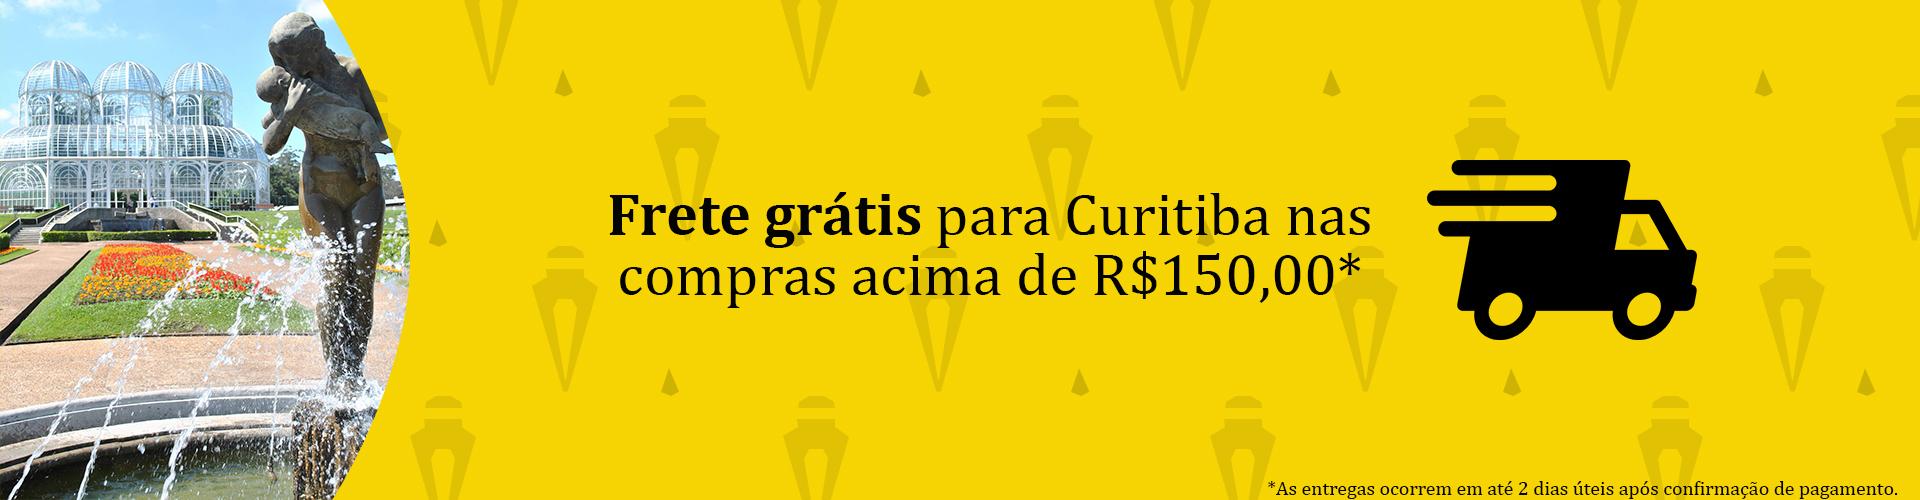 Frete Grátis para Curitiba